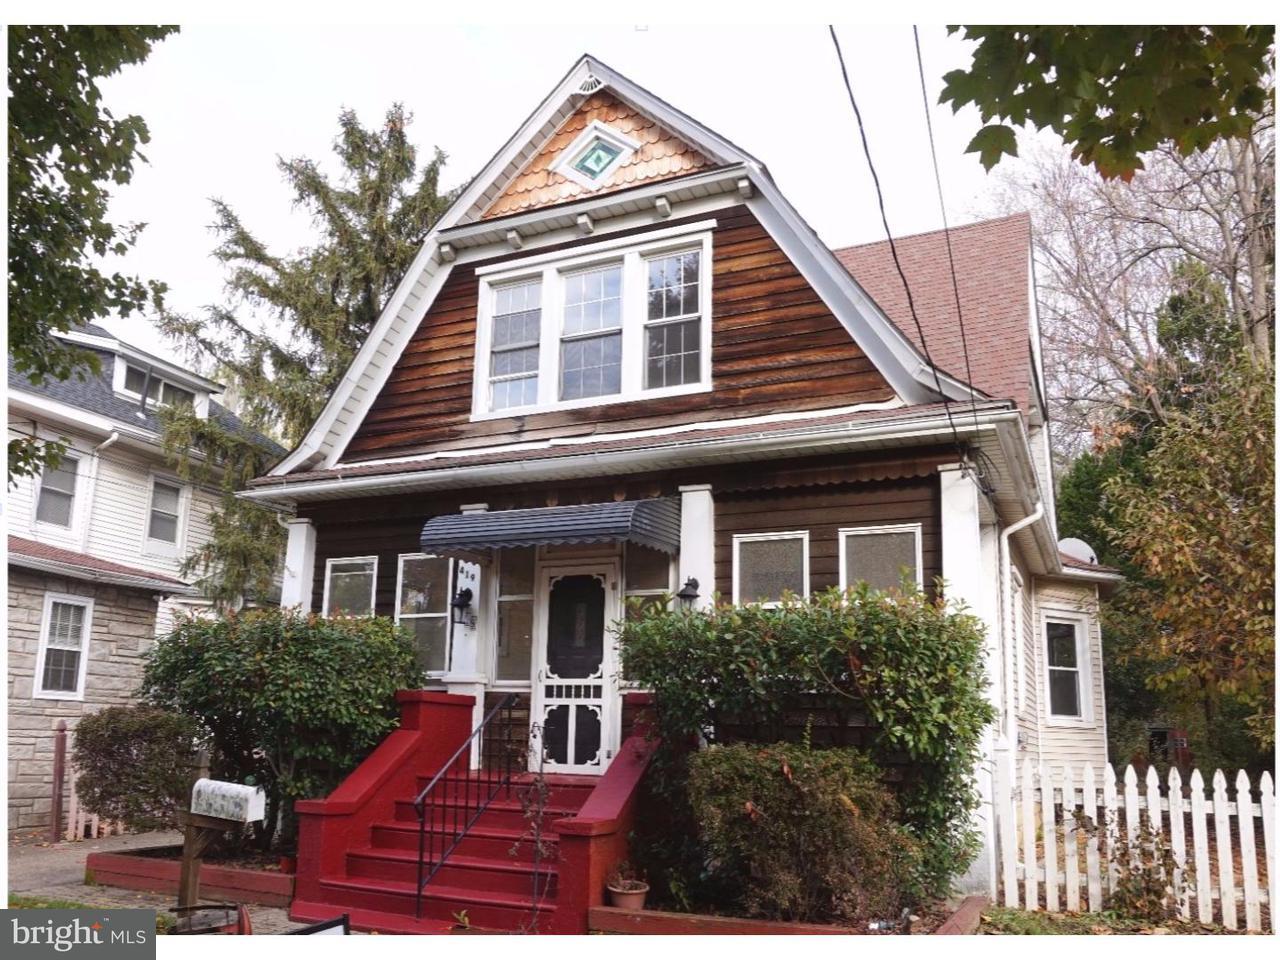 Частный односемейный дом для того Продажа на 419 RICHEY Avenue Oaklyn, Нью-Джерси 08107 Соединенные Штаты